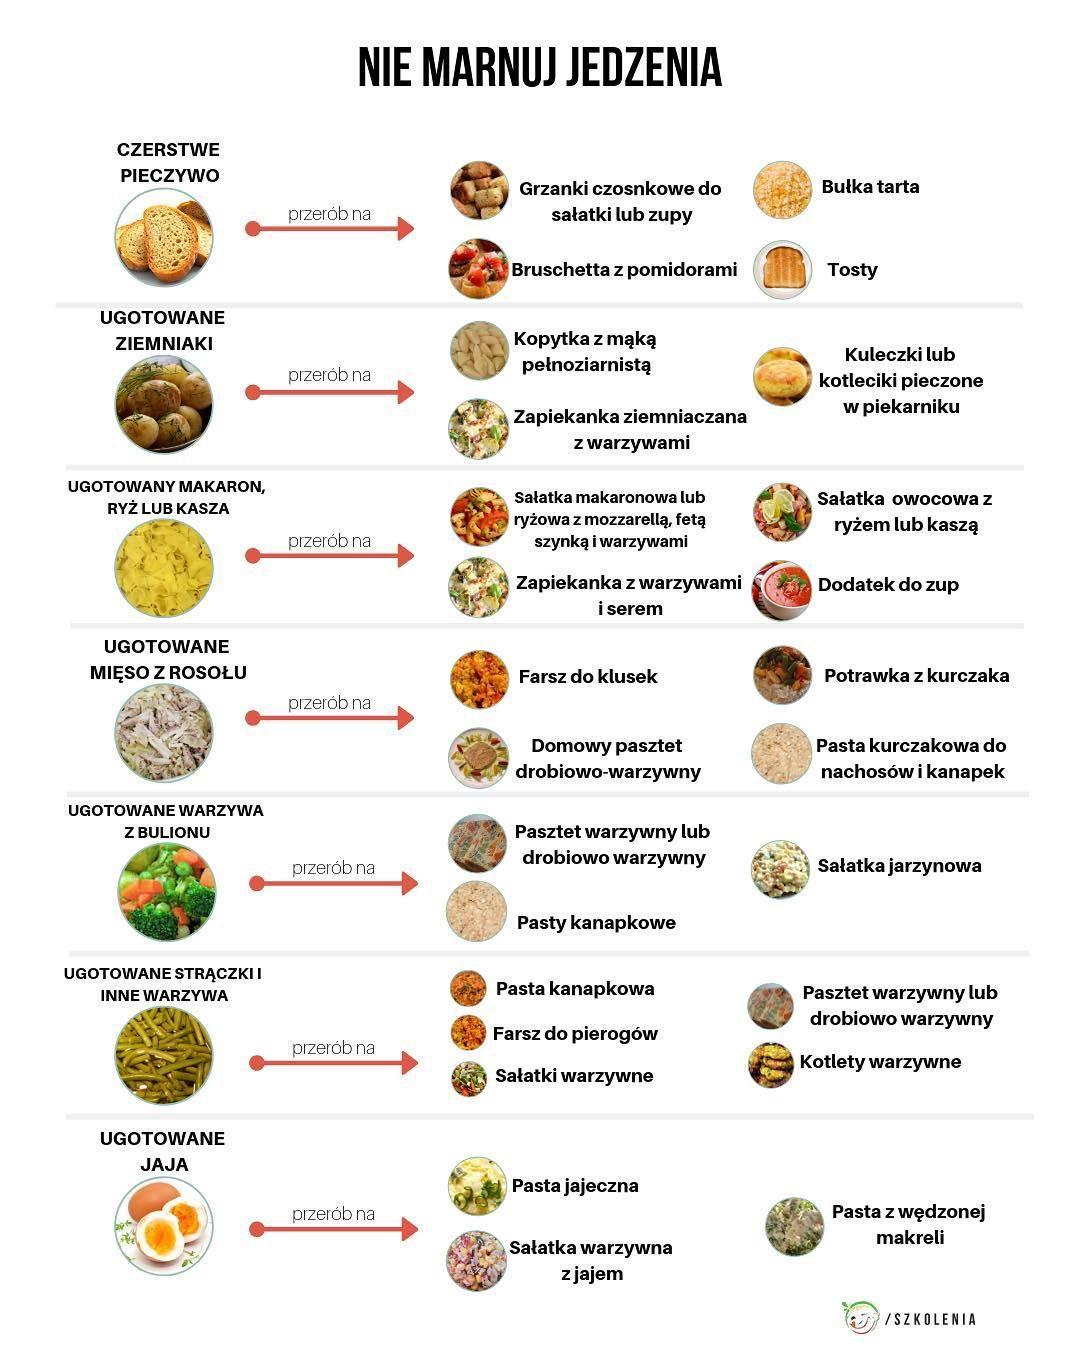 Nie Marnuj Jedzenia Co Mam Zrobic Z Jedzeniem Ktore Mi Zostalo Na Czym Polega Zero Waste Motywator Dietetyczny Workout Food Health Cooking Helathy Food